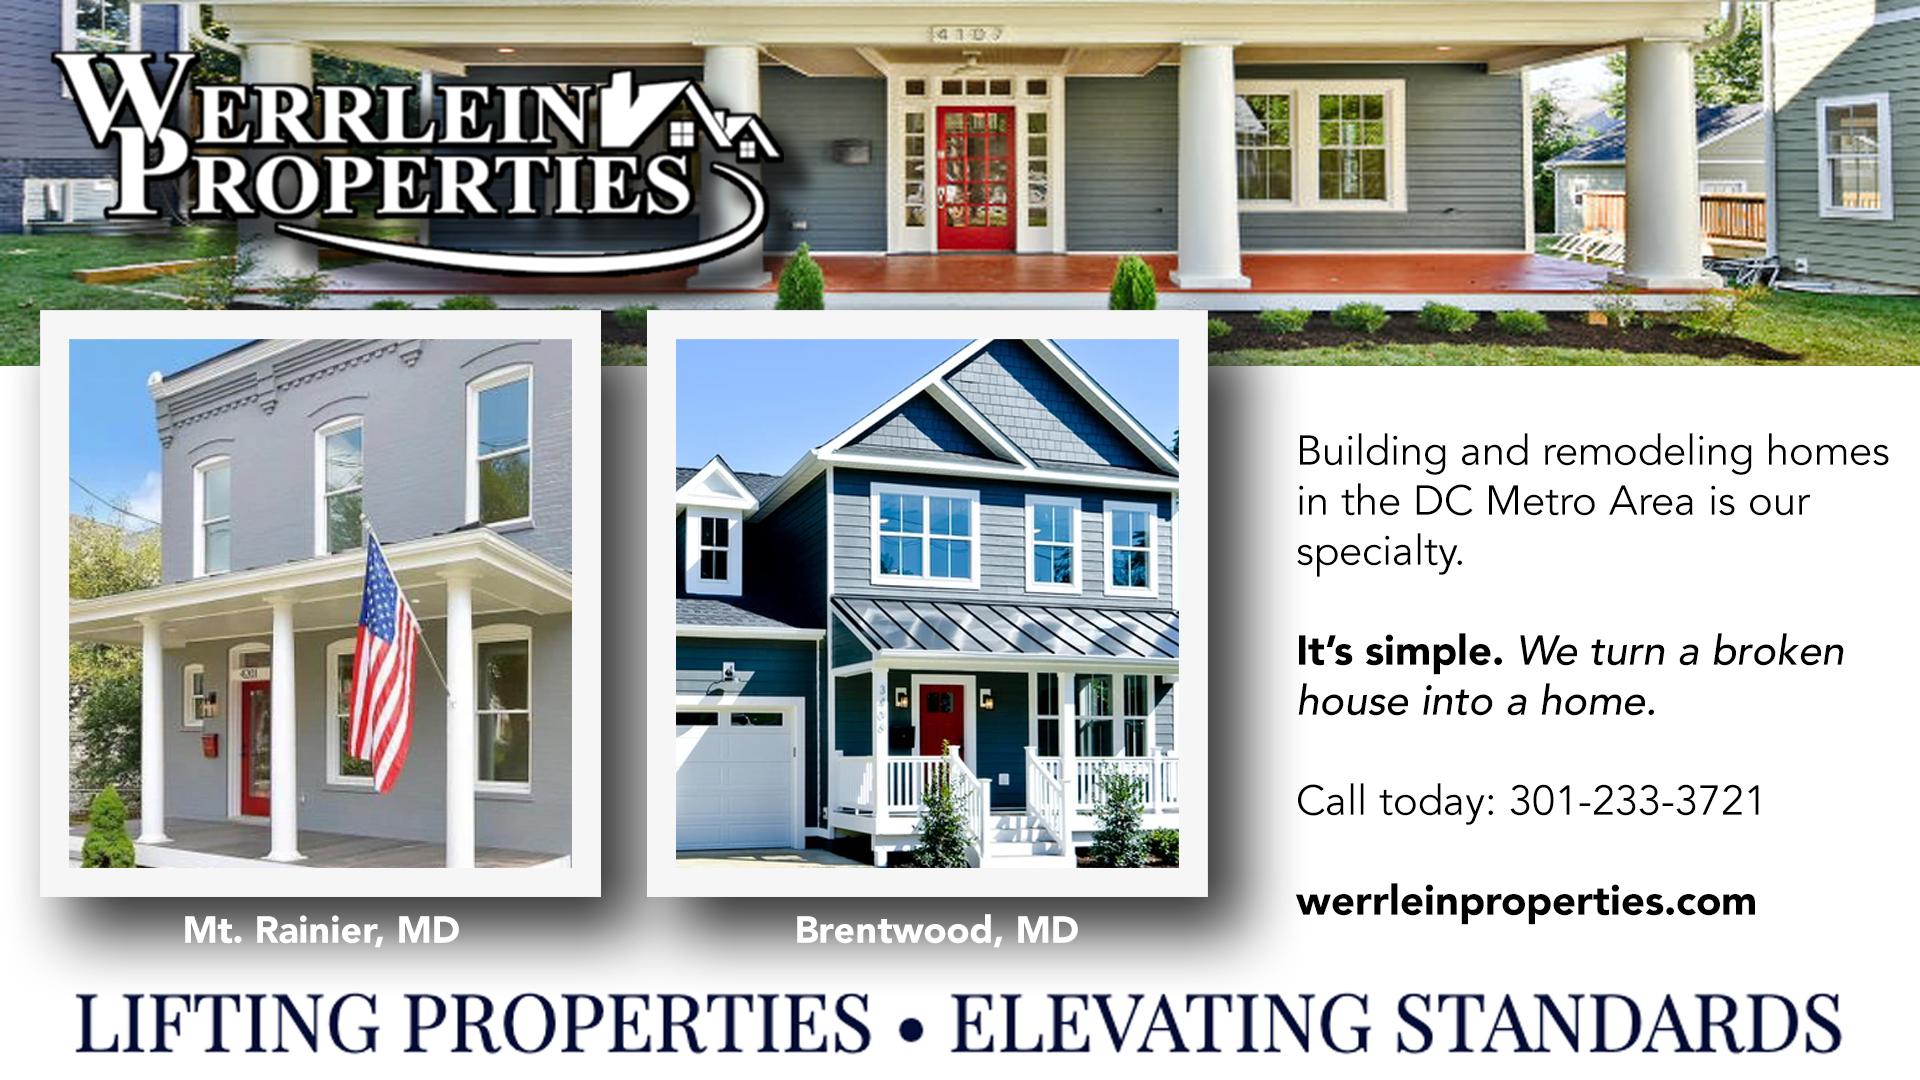 8 Werrlein Properties.png